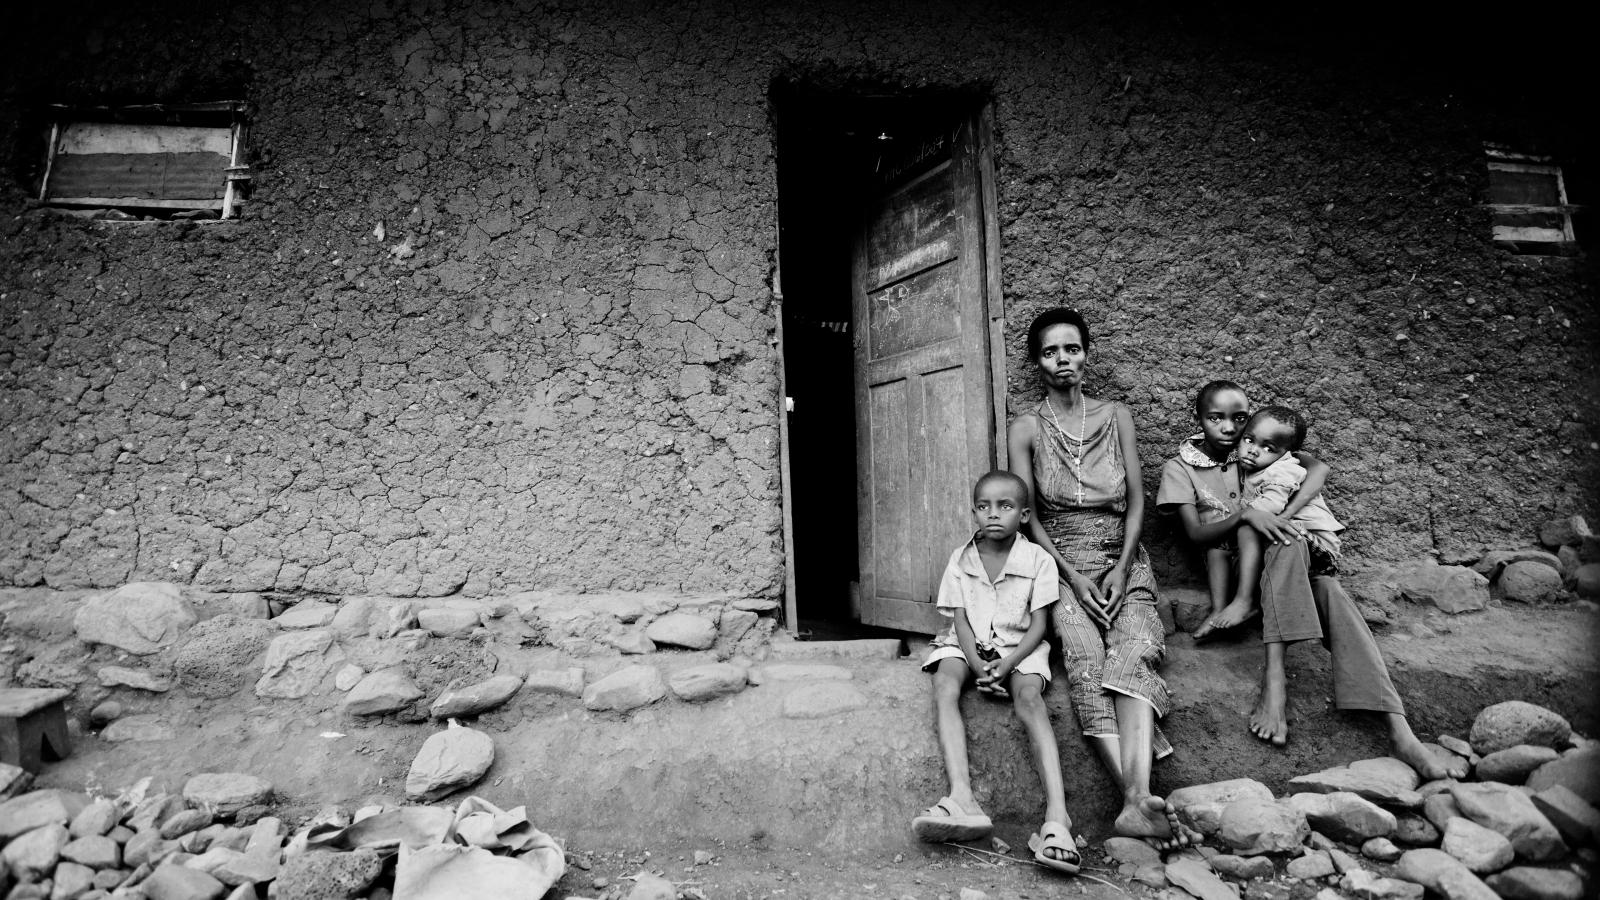 Rwanda, May 2014